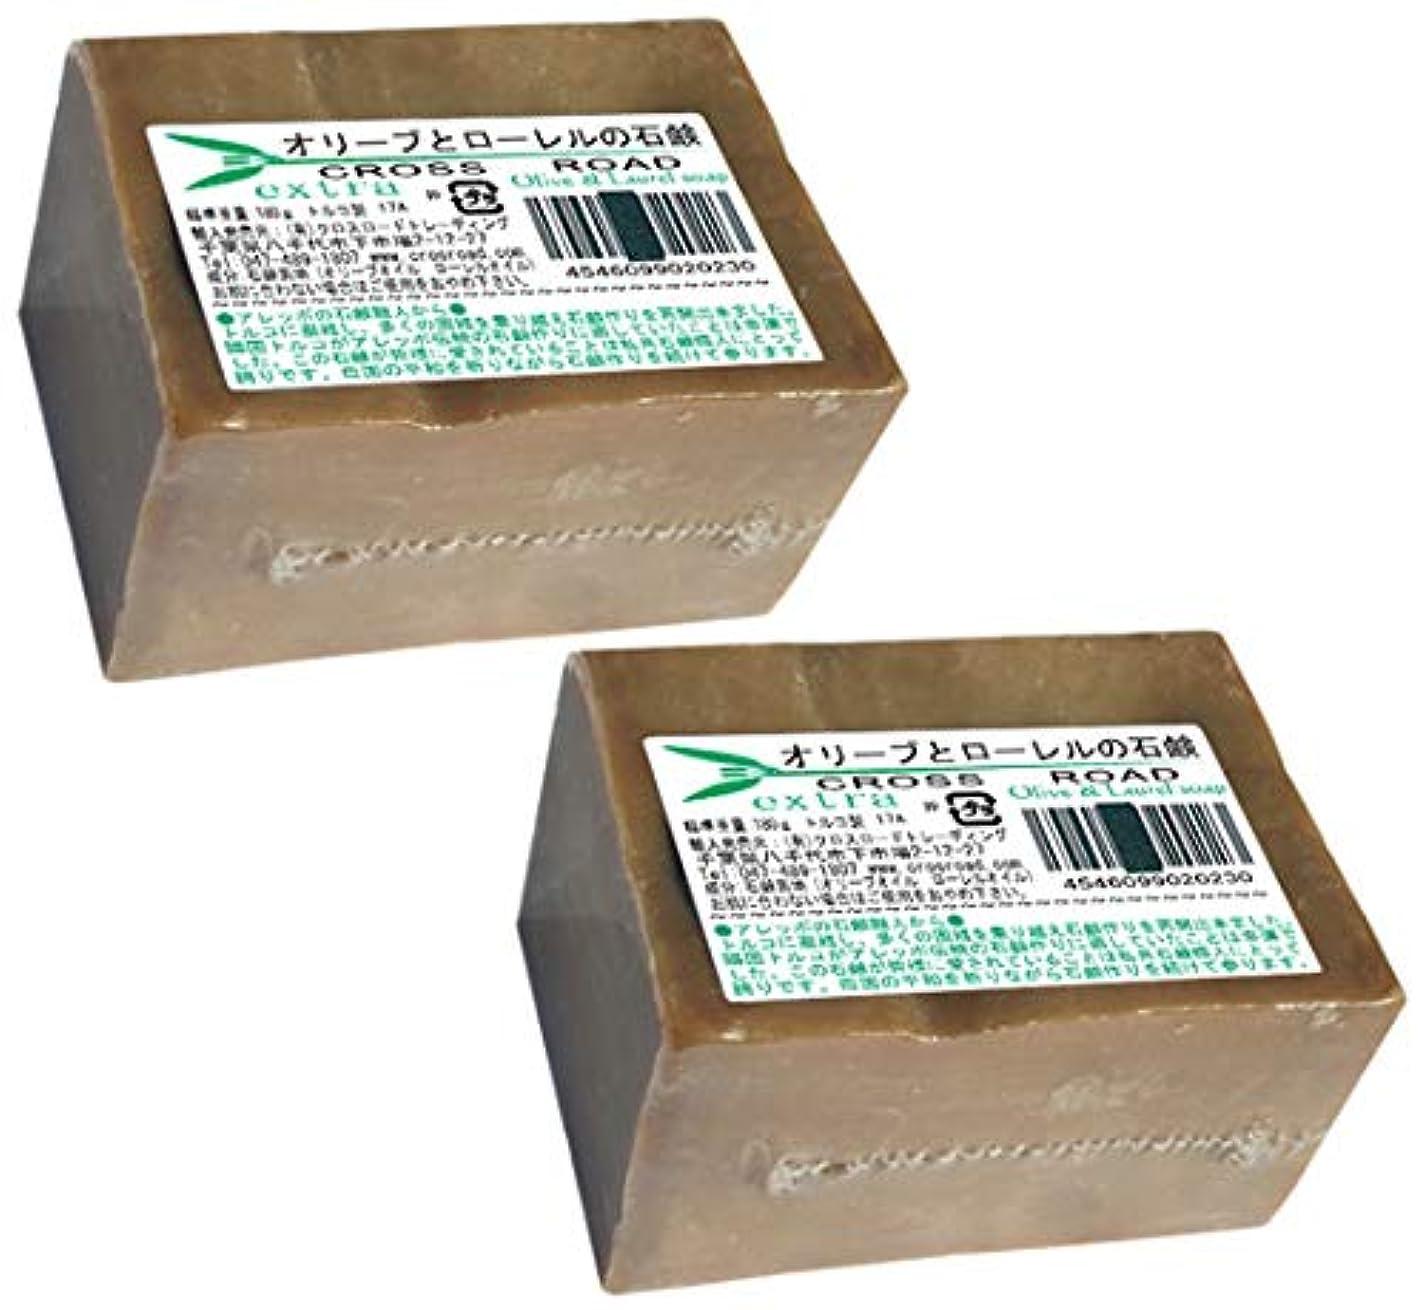 ジャングル温度計連鎖オリーブとローレルの石鹸(エキストラ)2個セット[並行輸入品]